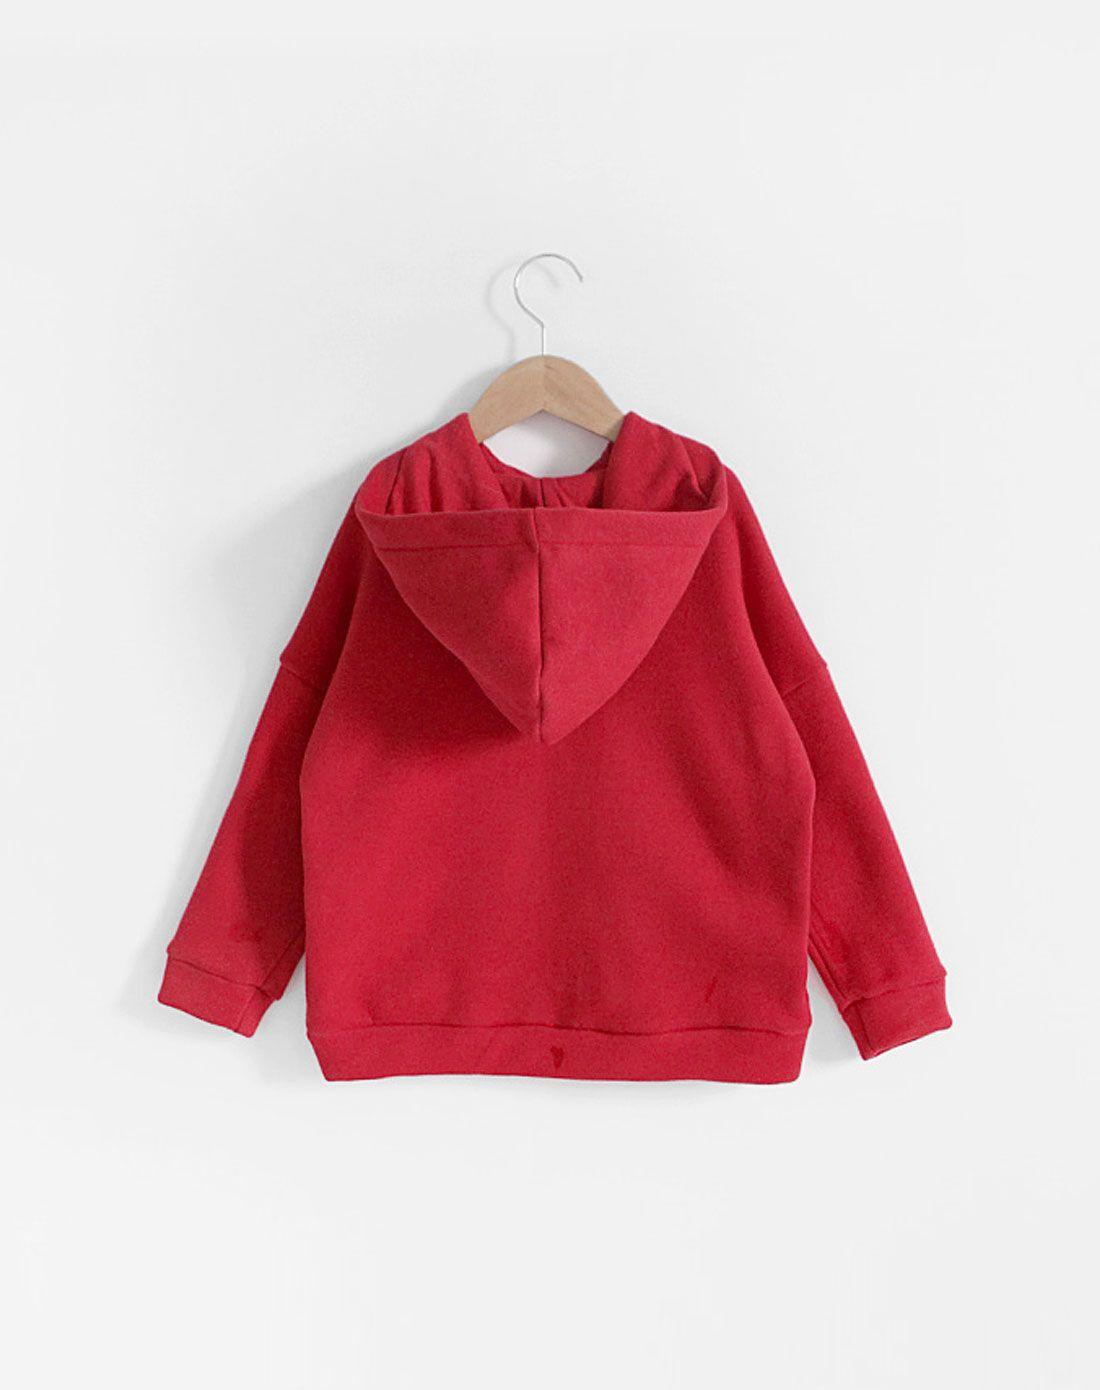 橘红色头�_> stylenoriter橘红色加厚帽头卫衣套装